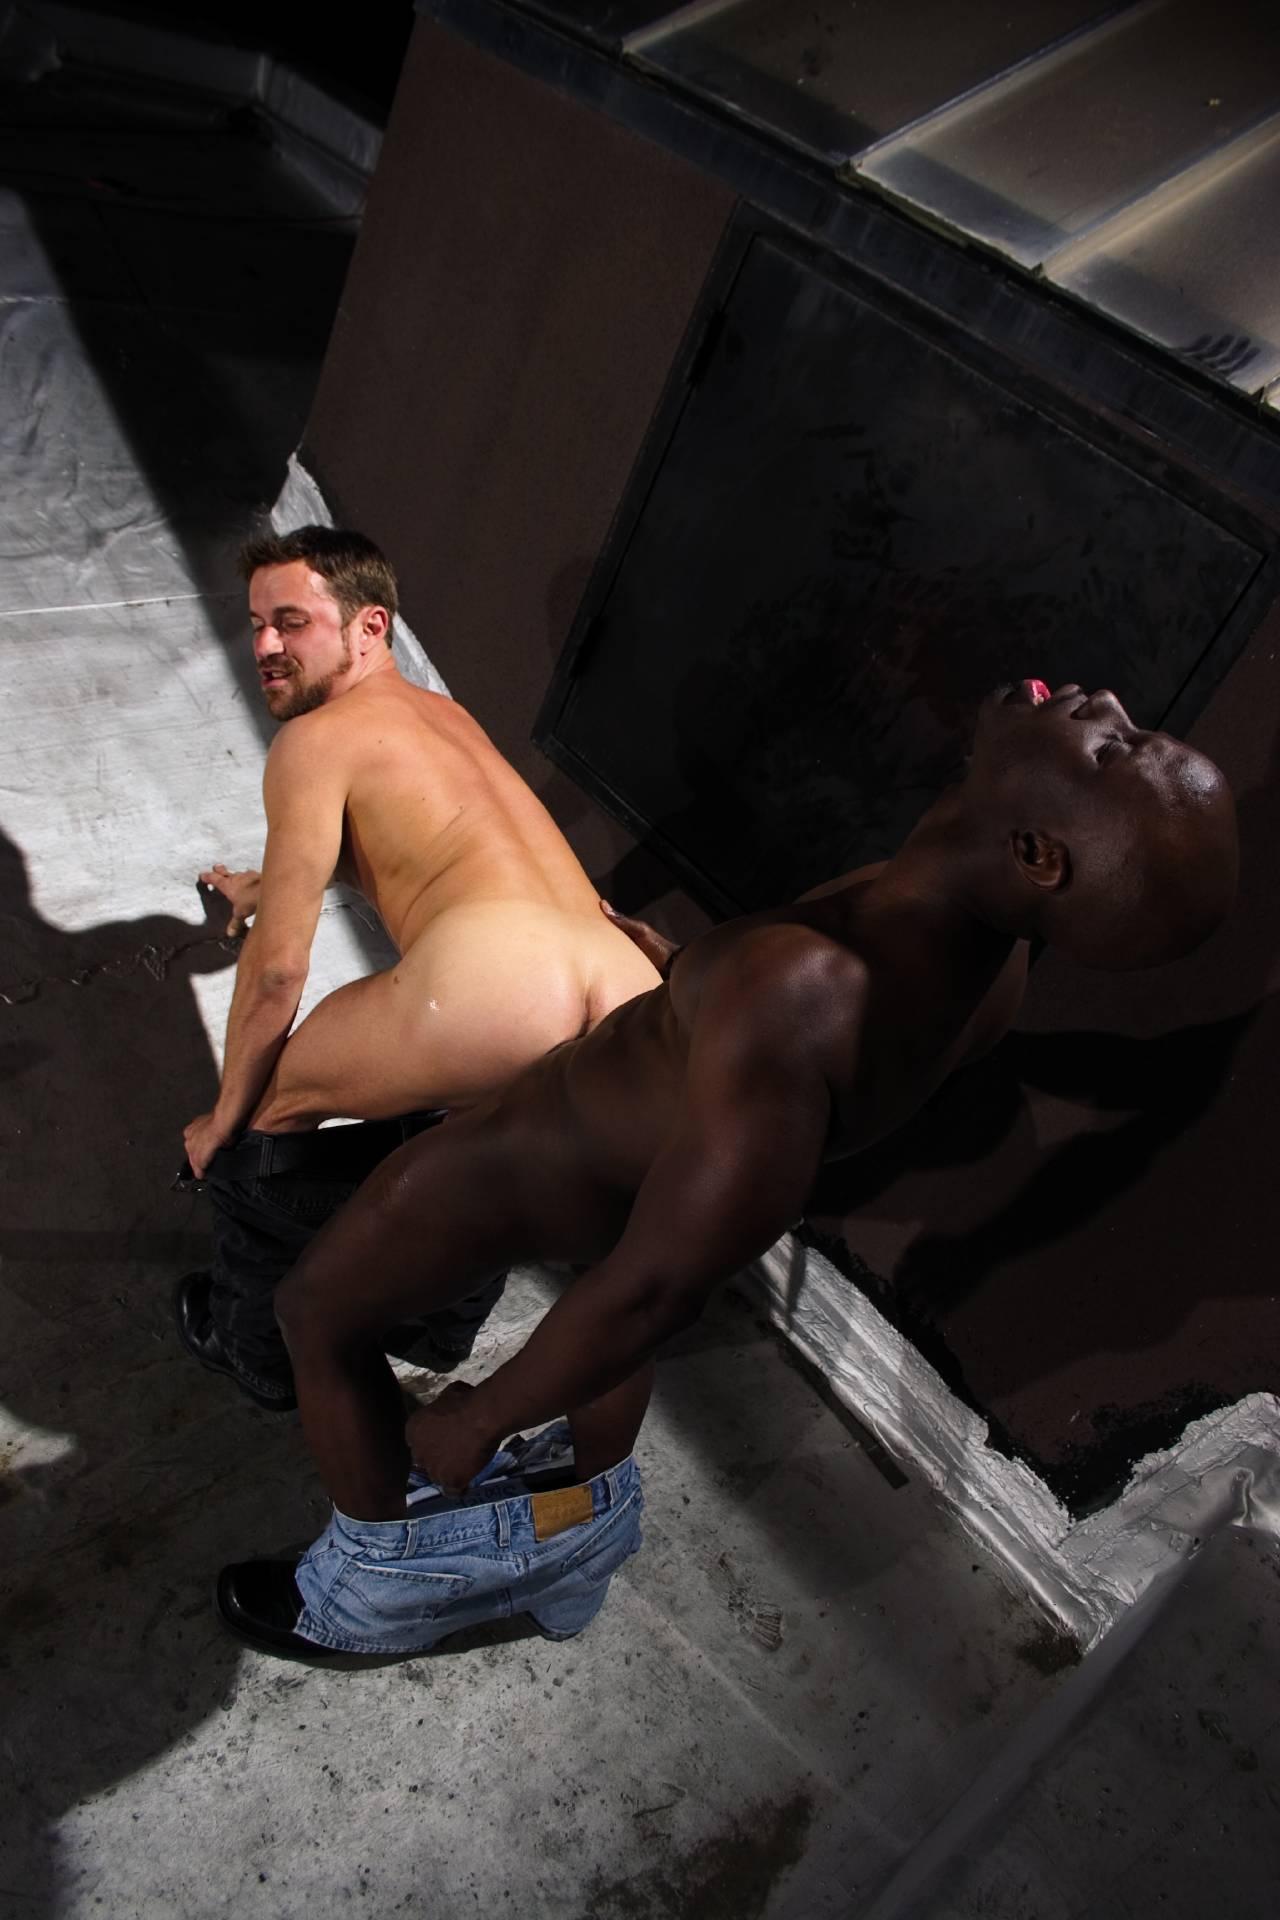 from Landry gay dreams 2 raging stallion